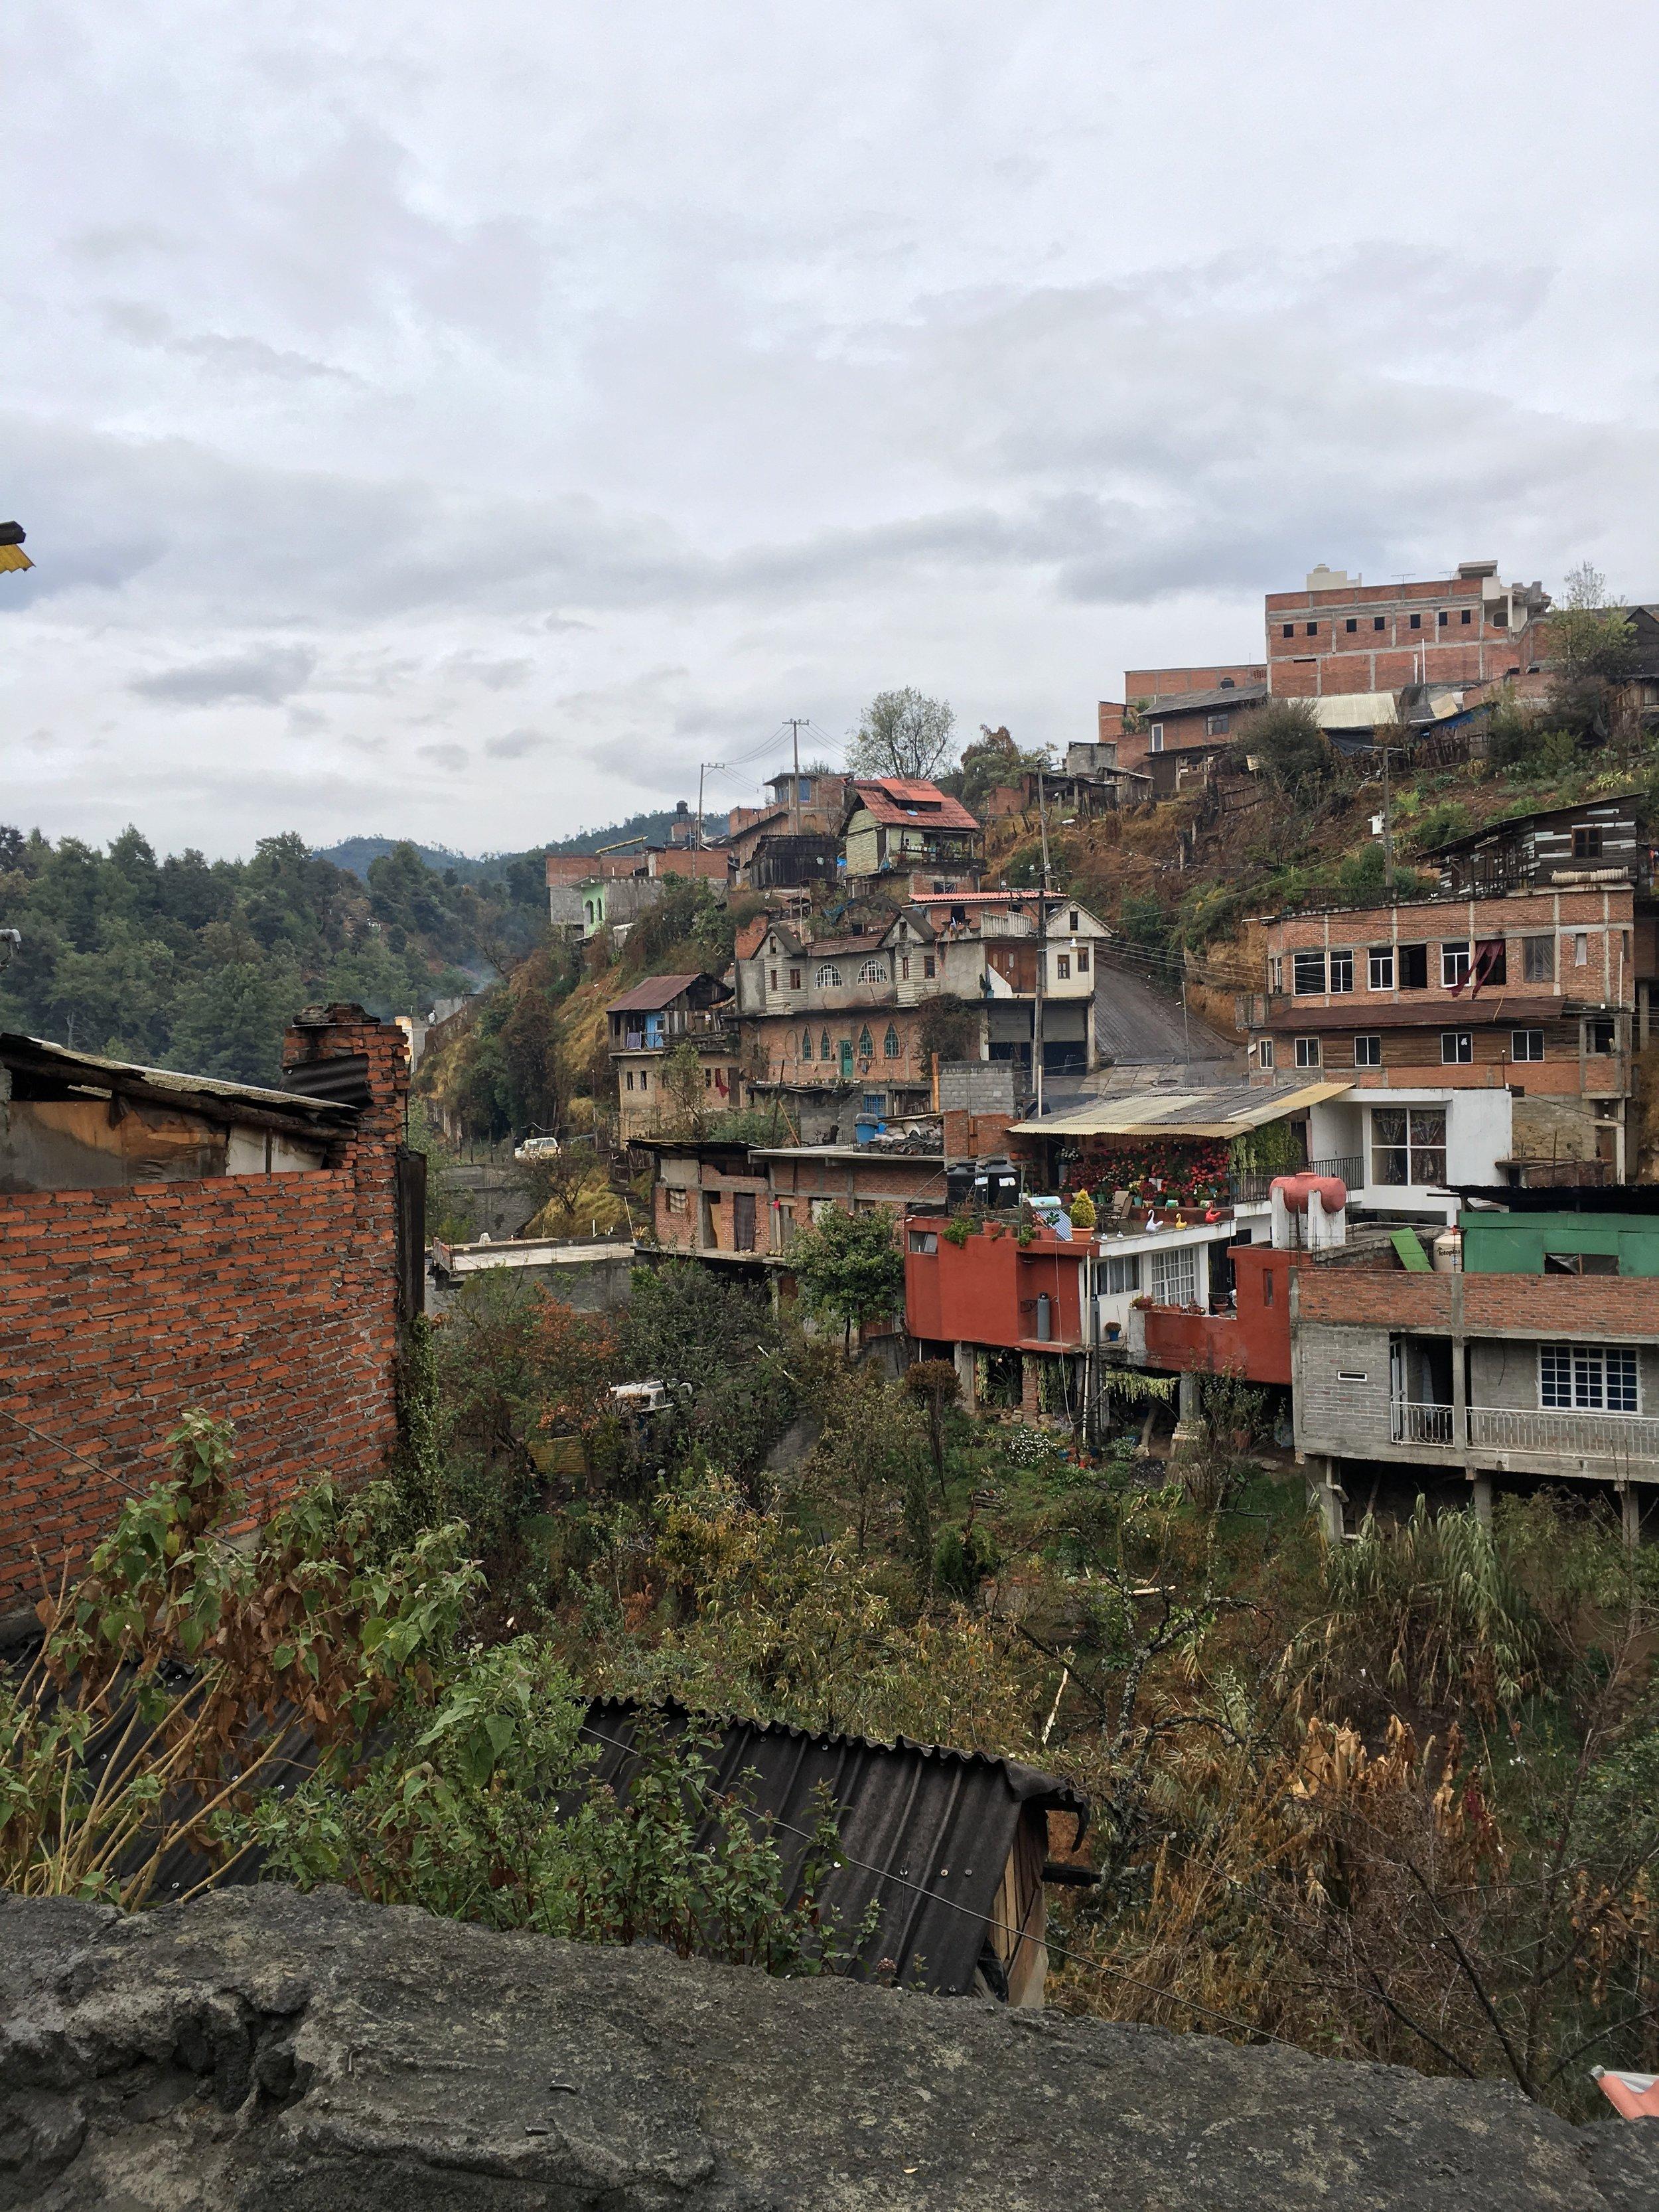 On the outskirts of Cherán